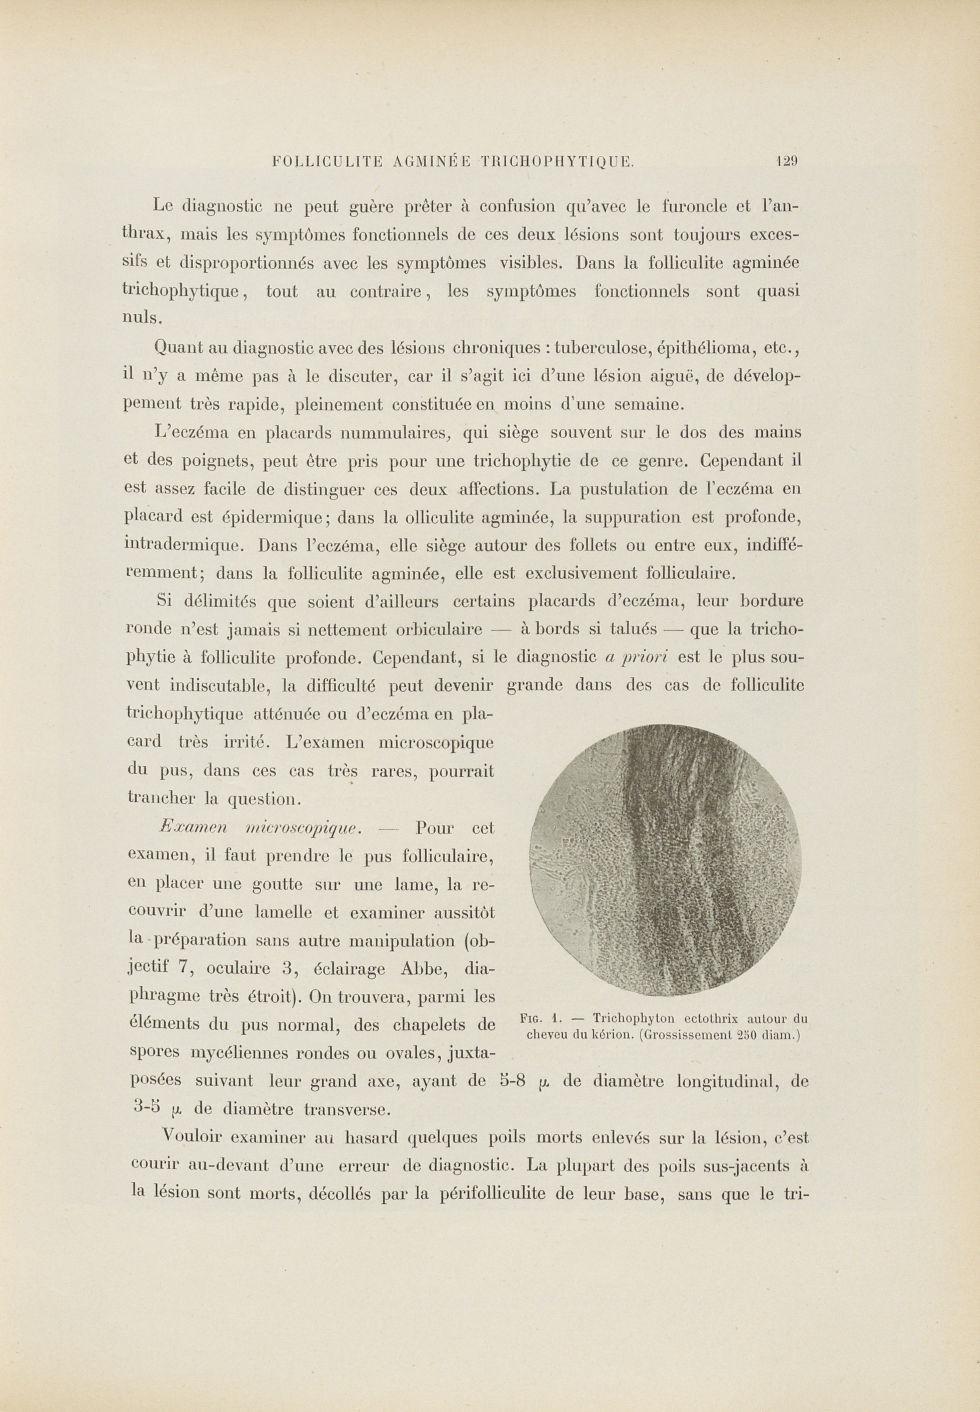 Fig. 1. Trychophyton ectothrix autour du cheveu du Kérion - Le musée de l'hôpital Saint-Louis : icon [...] - Dermatologie (peau). Microscopes (vues). Pilosité. 19e siècle (France) - med01740x0153